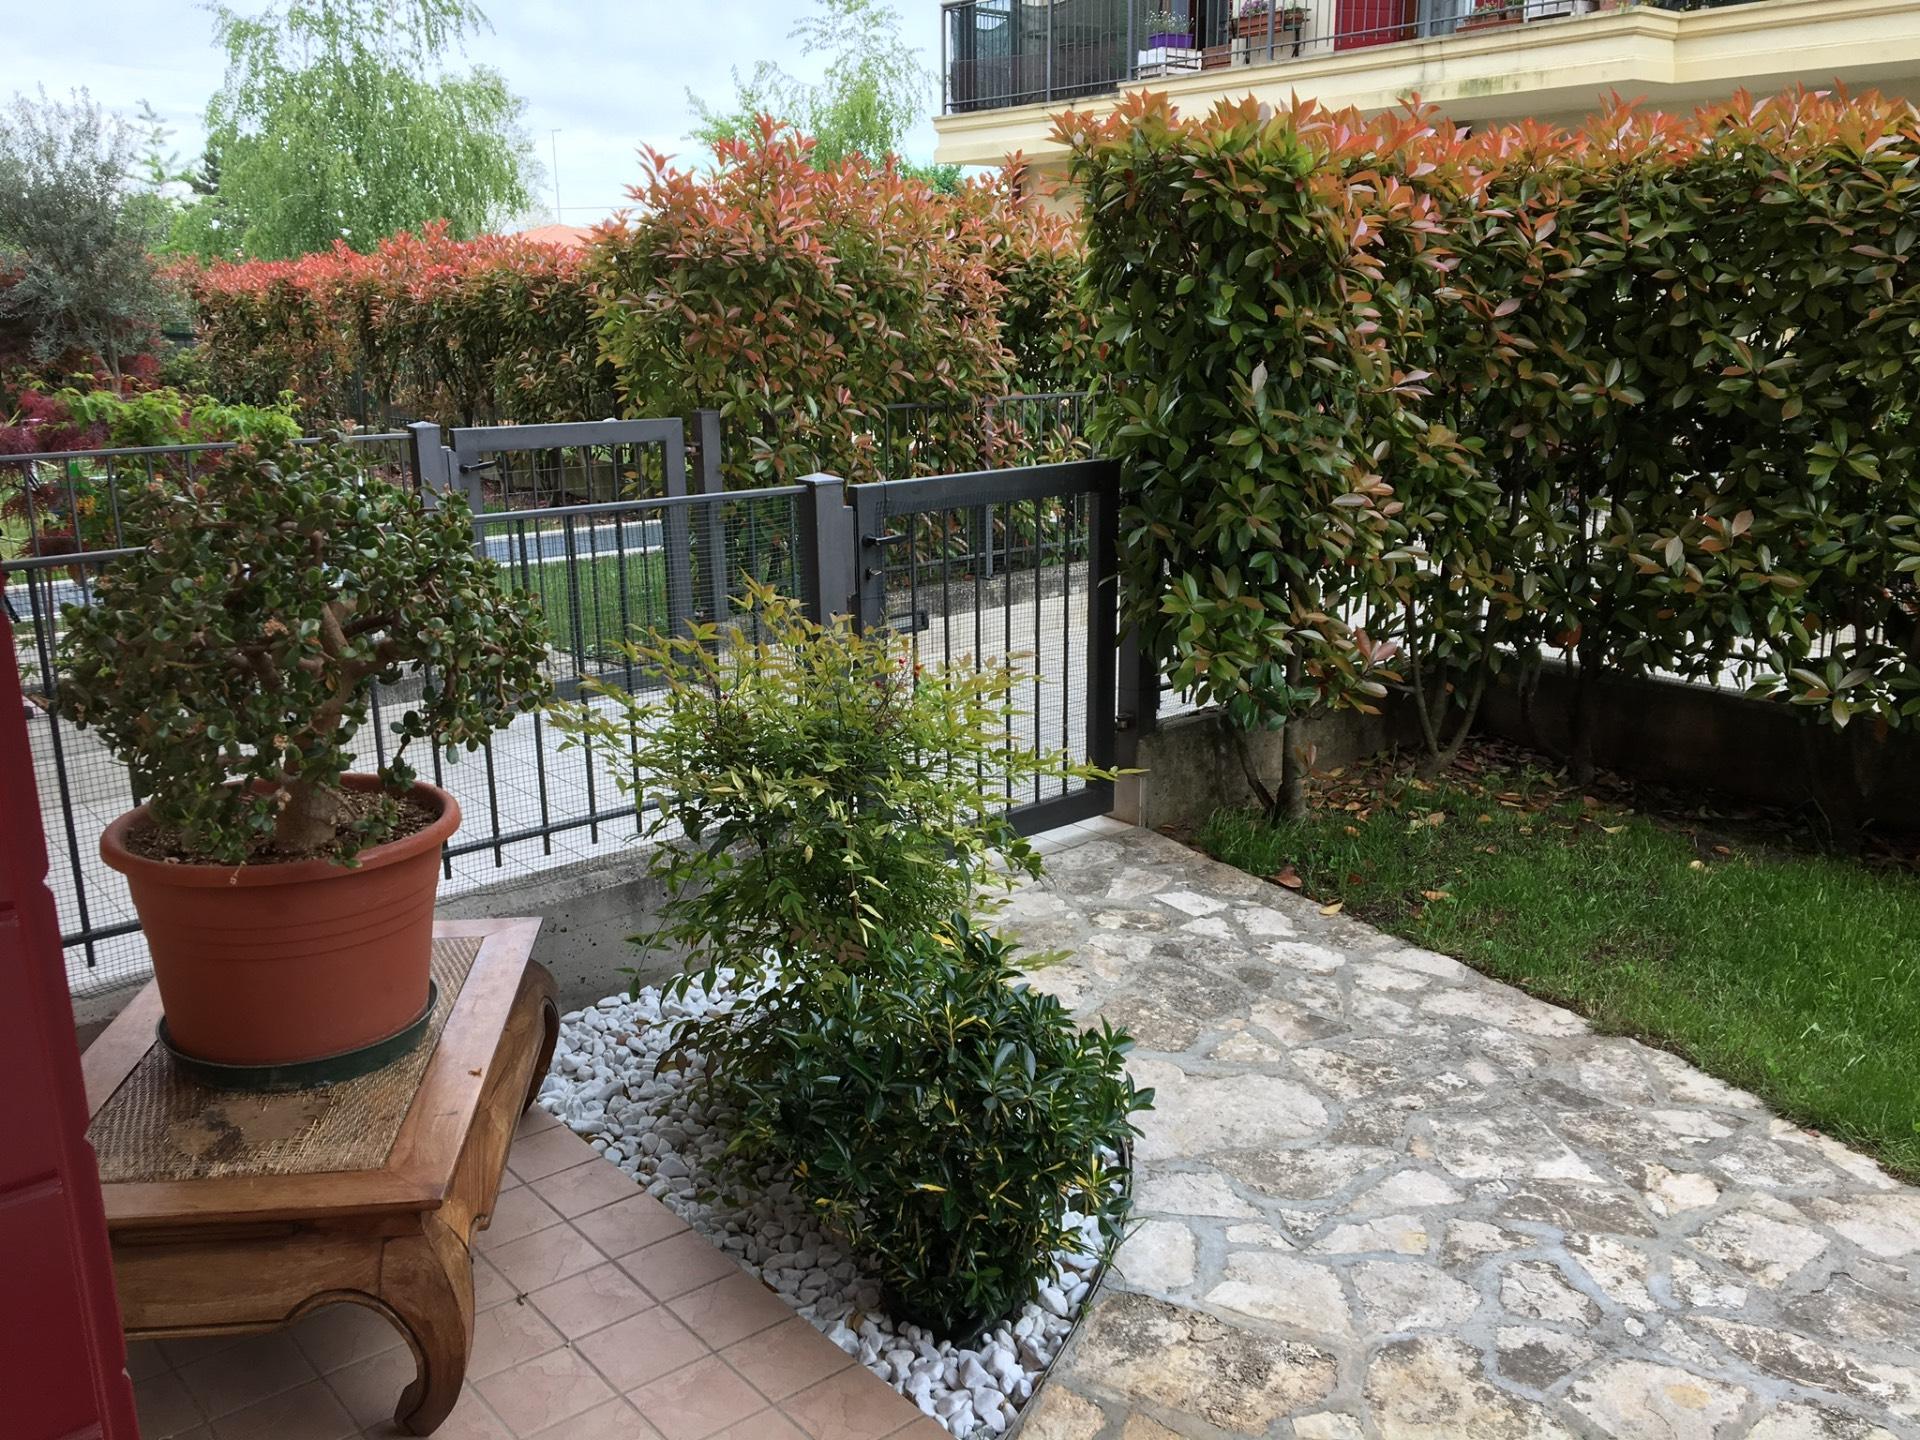 Appartamento in vendita a Spresiano, 8 locali, zona Località: Centro, prezzo € 168.000 | Cambio Casa.it